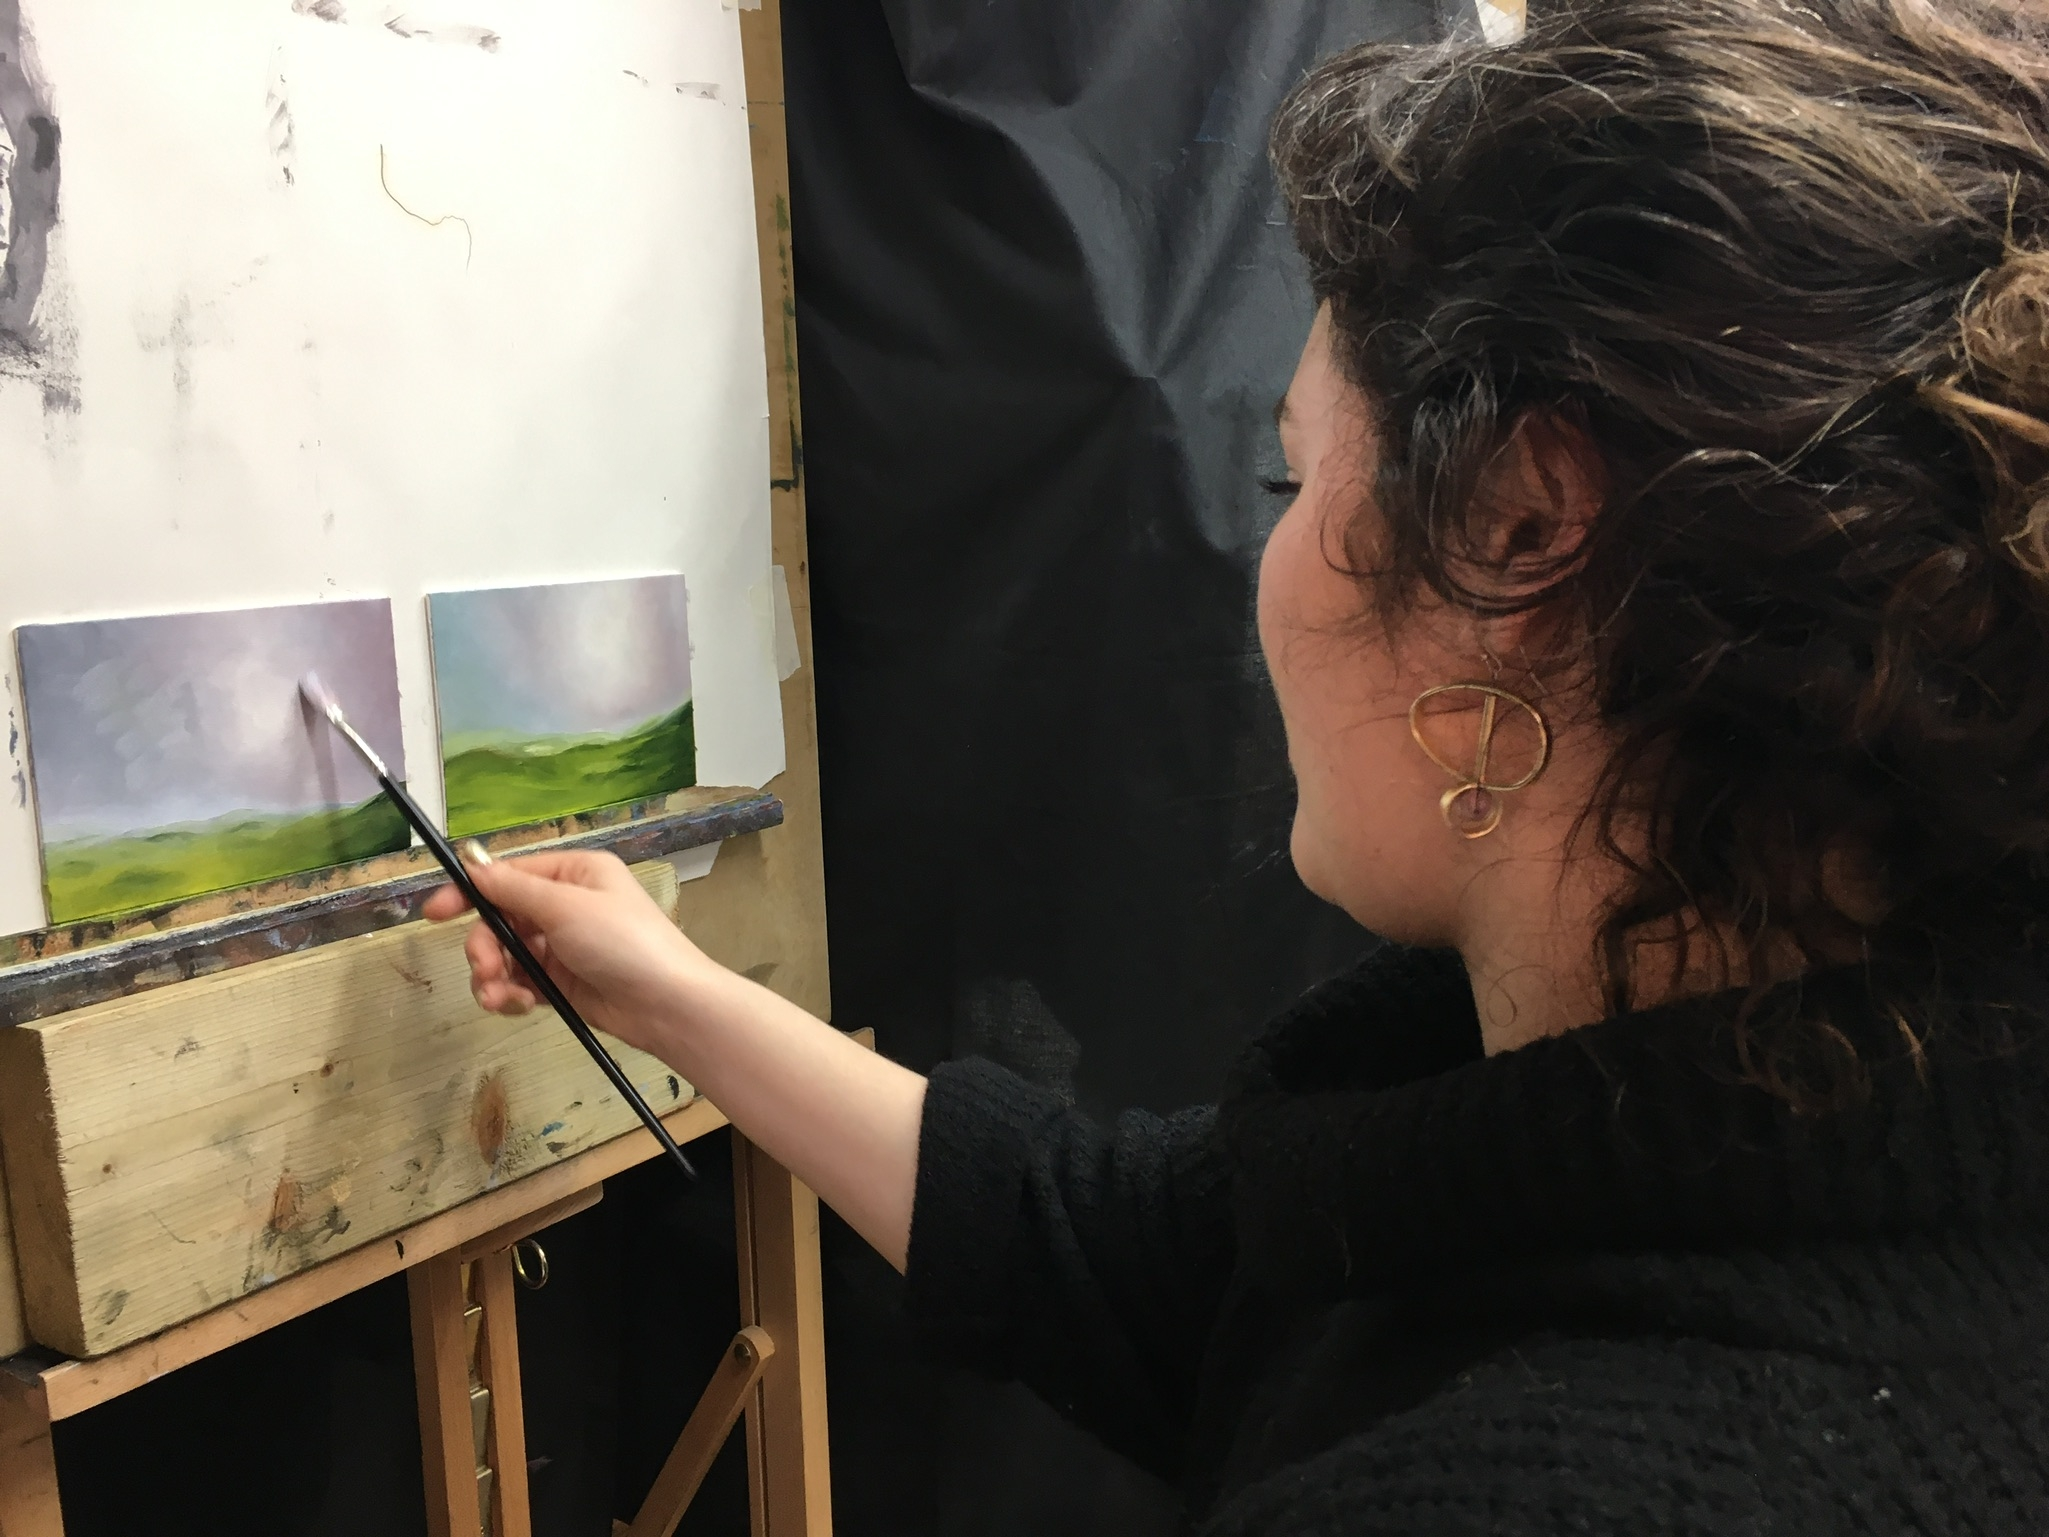 CAA Brunette Woman Landscape